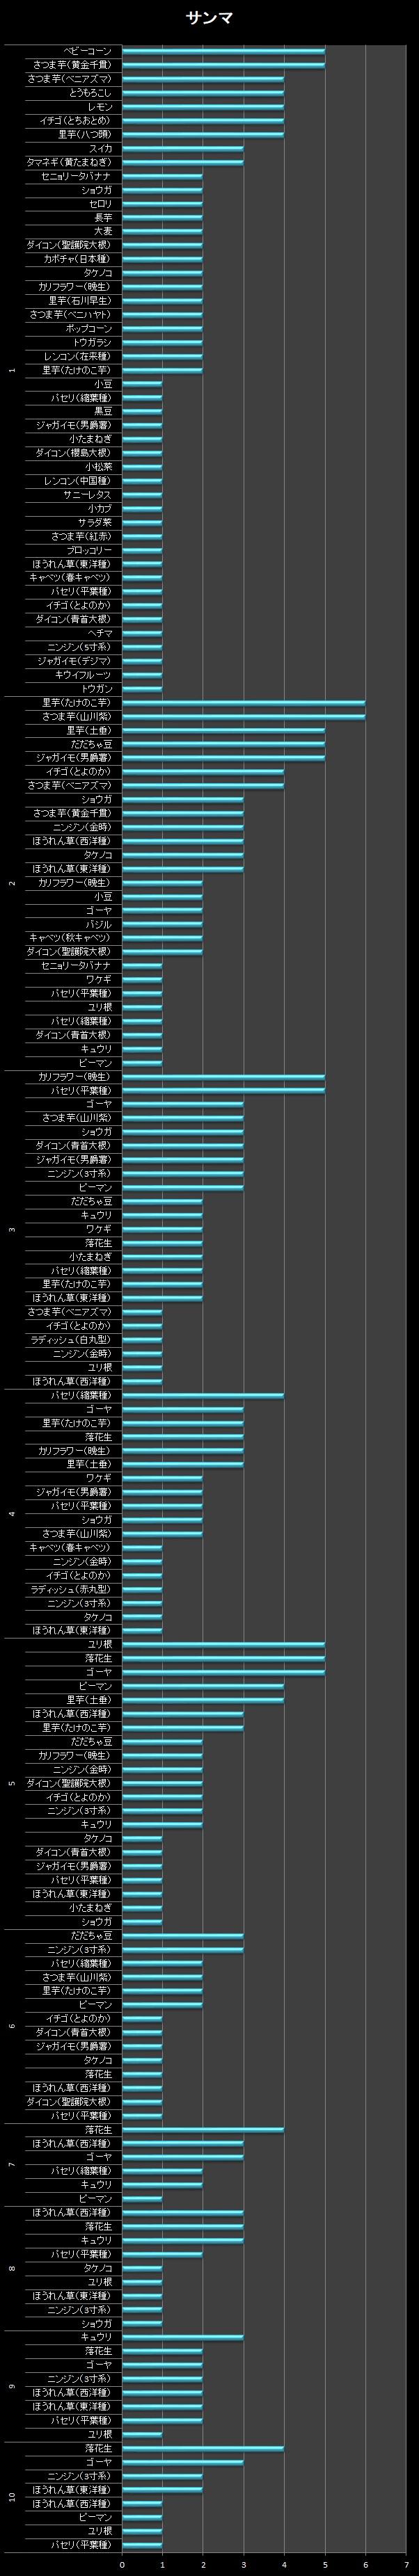 横棒グラフ/サンマ